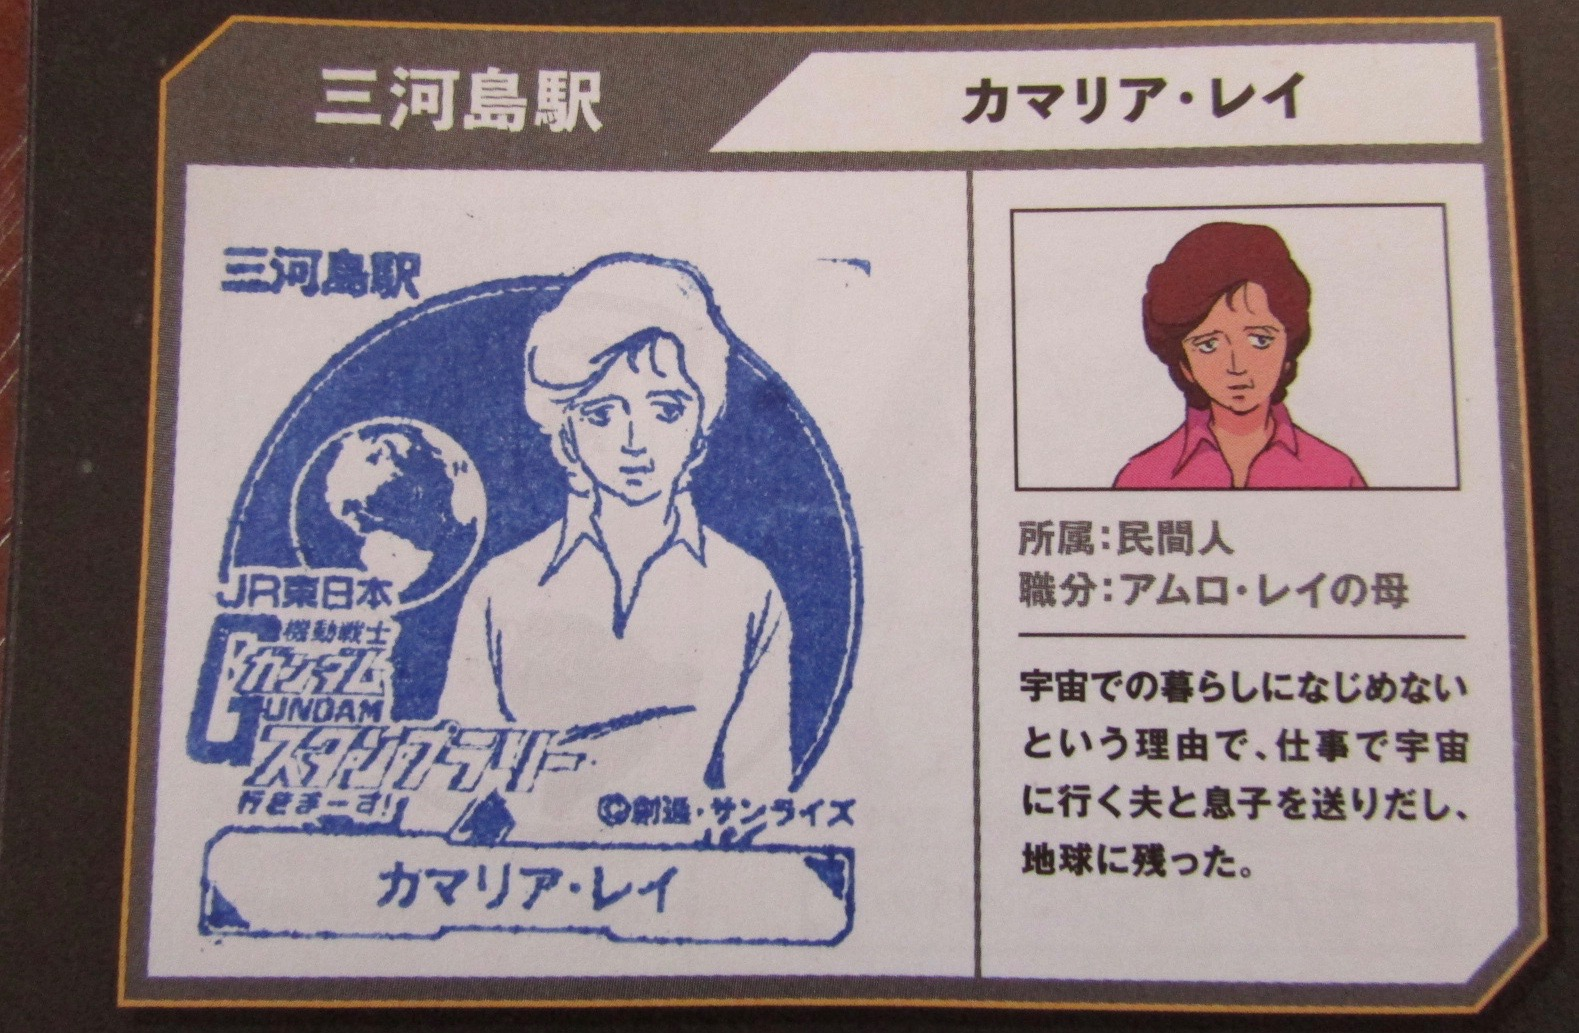 f:id:hiro-jp:20180206090647j:plain